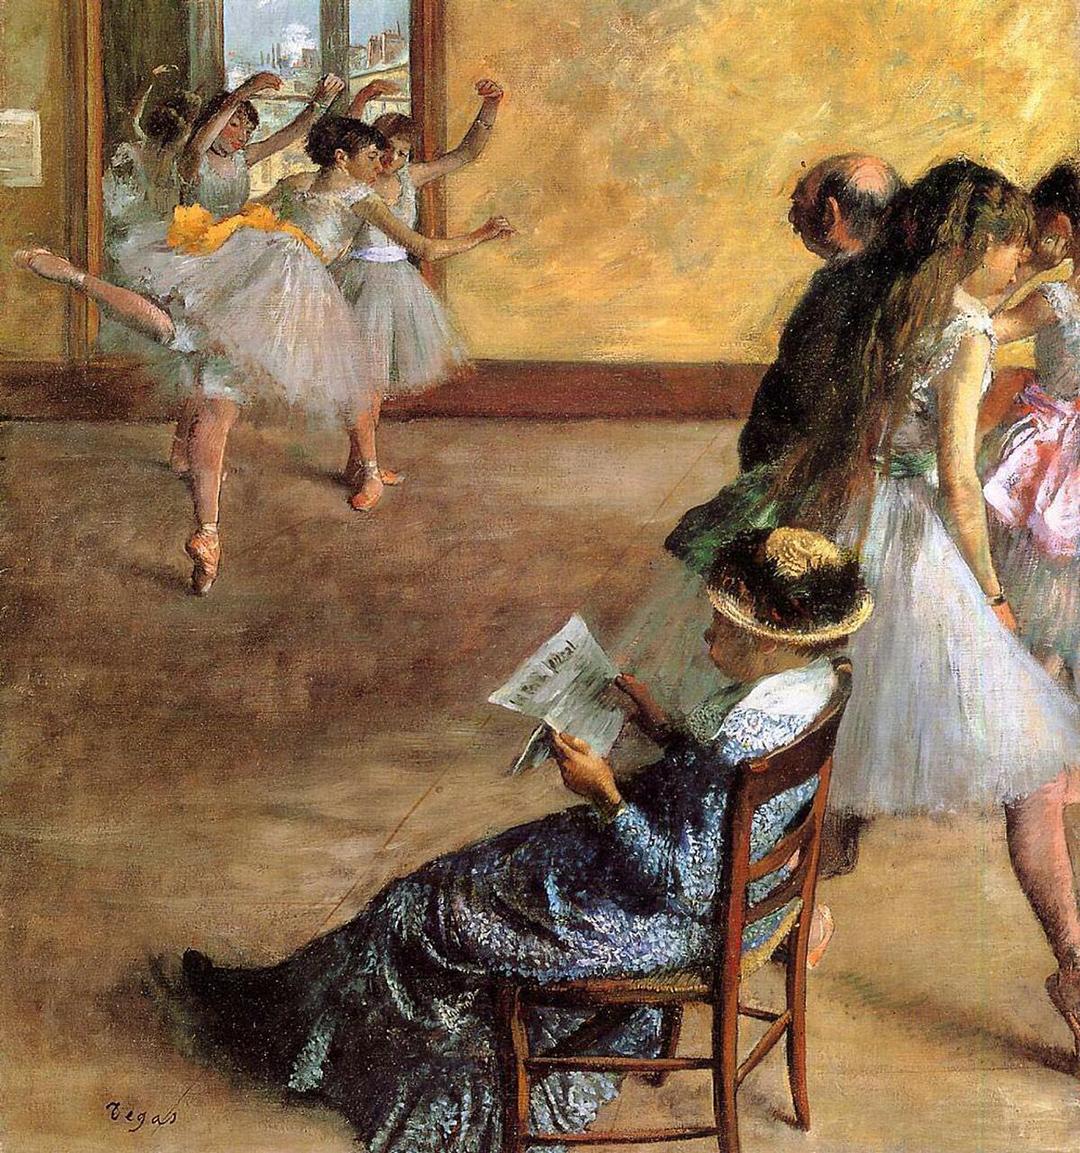 ballet-class_-the_edgar-degas_edgar-degas__29861__03975.1557487015-1